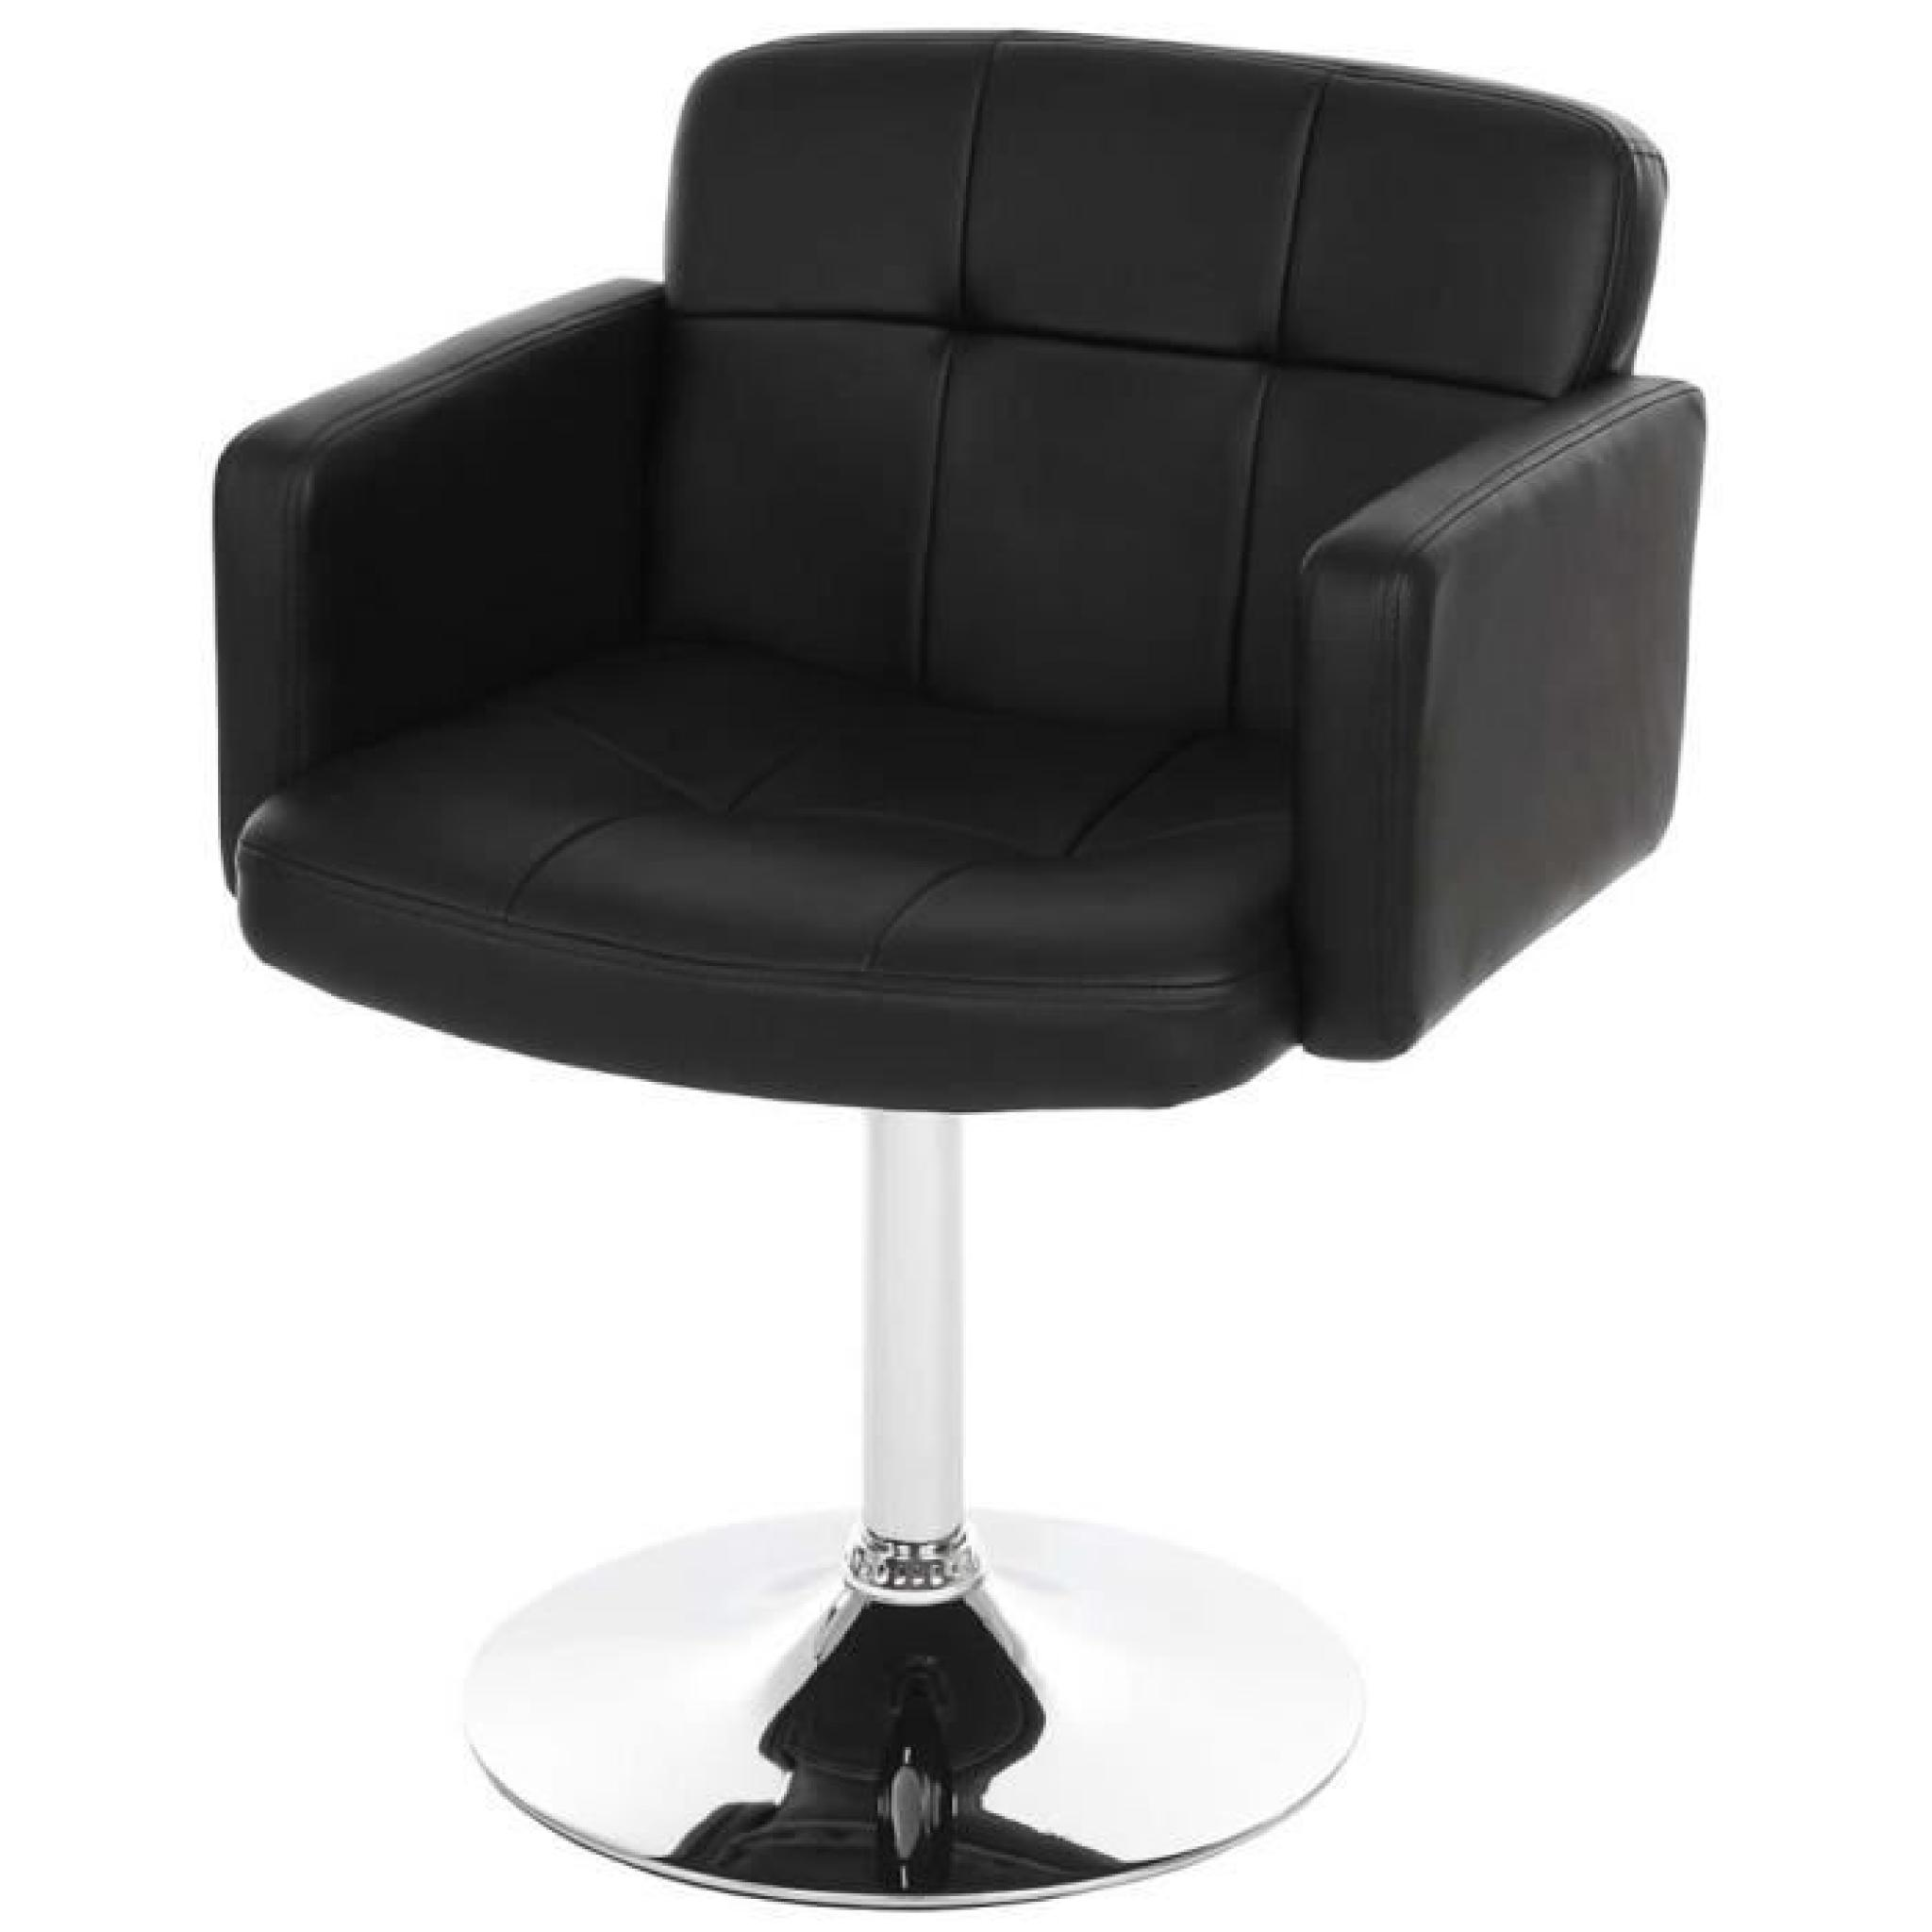 Chaise Salon Pivotante Orlando En Simili Cuir N